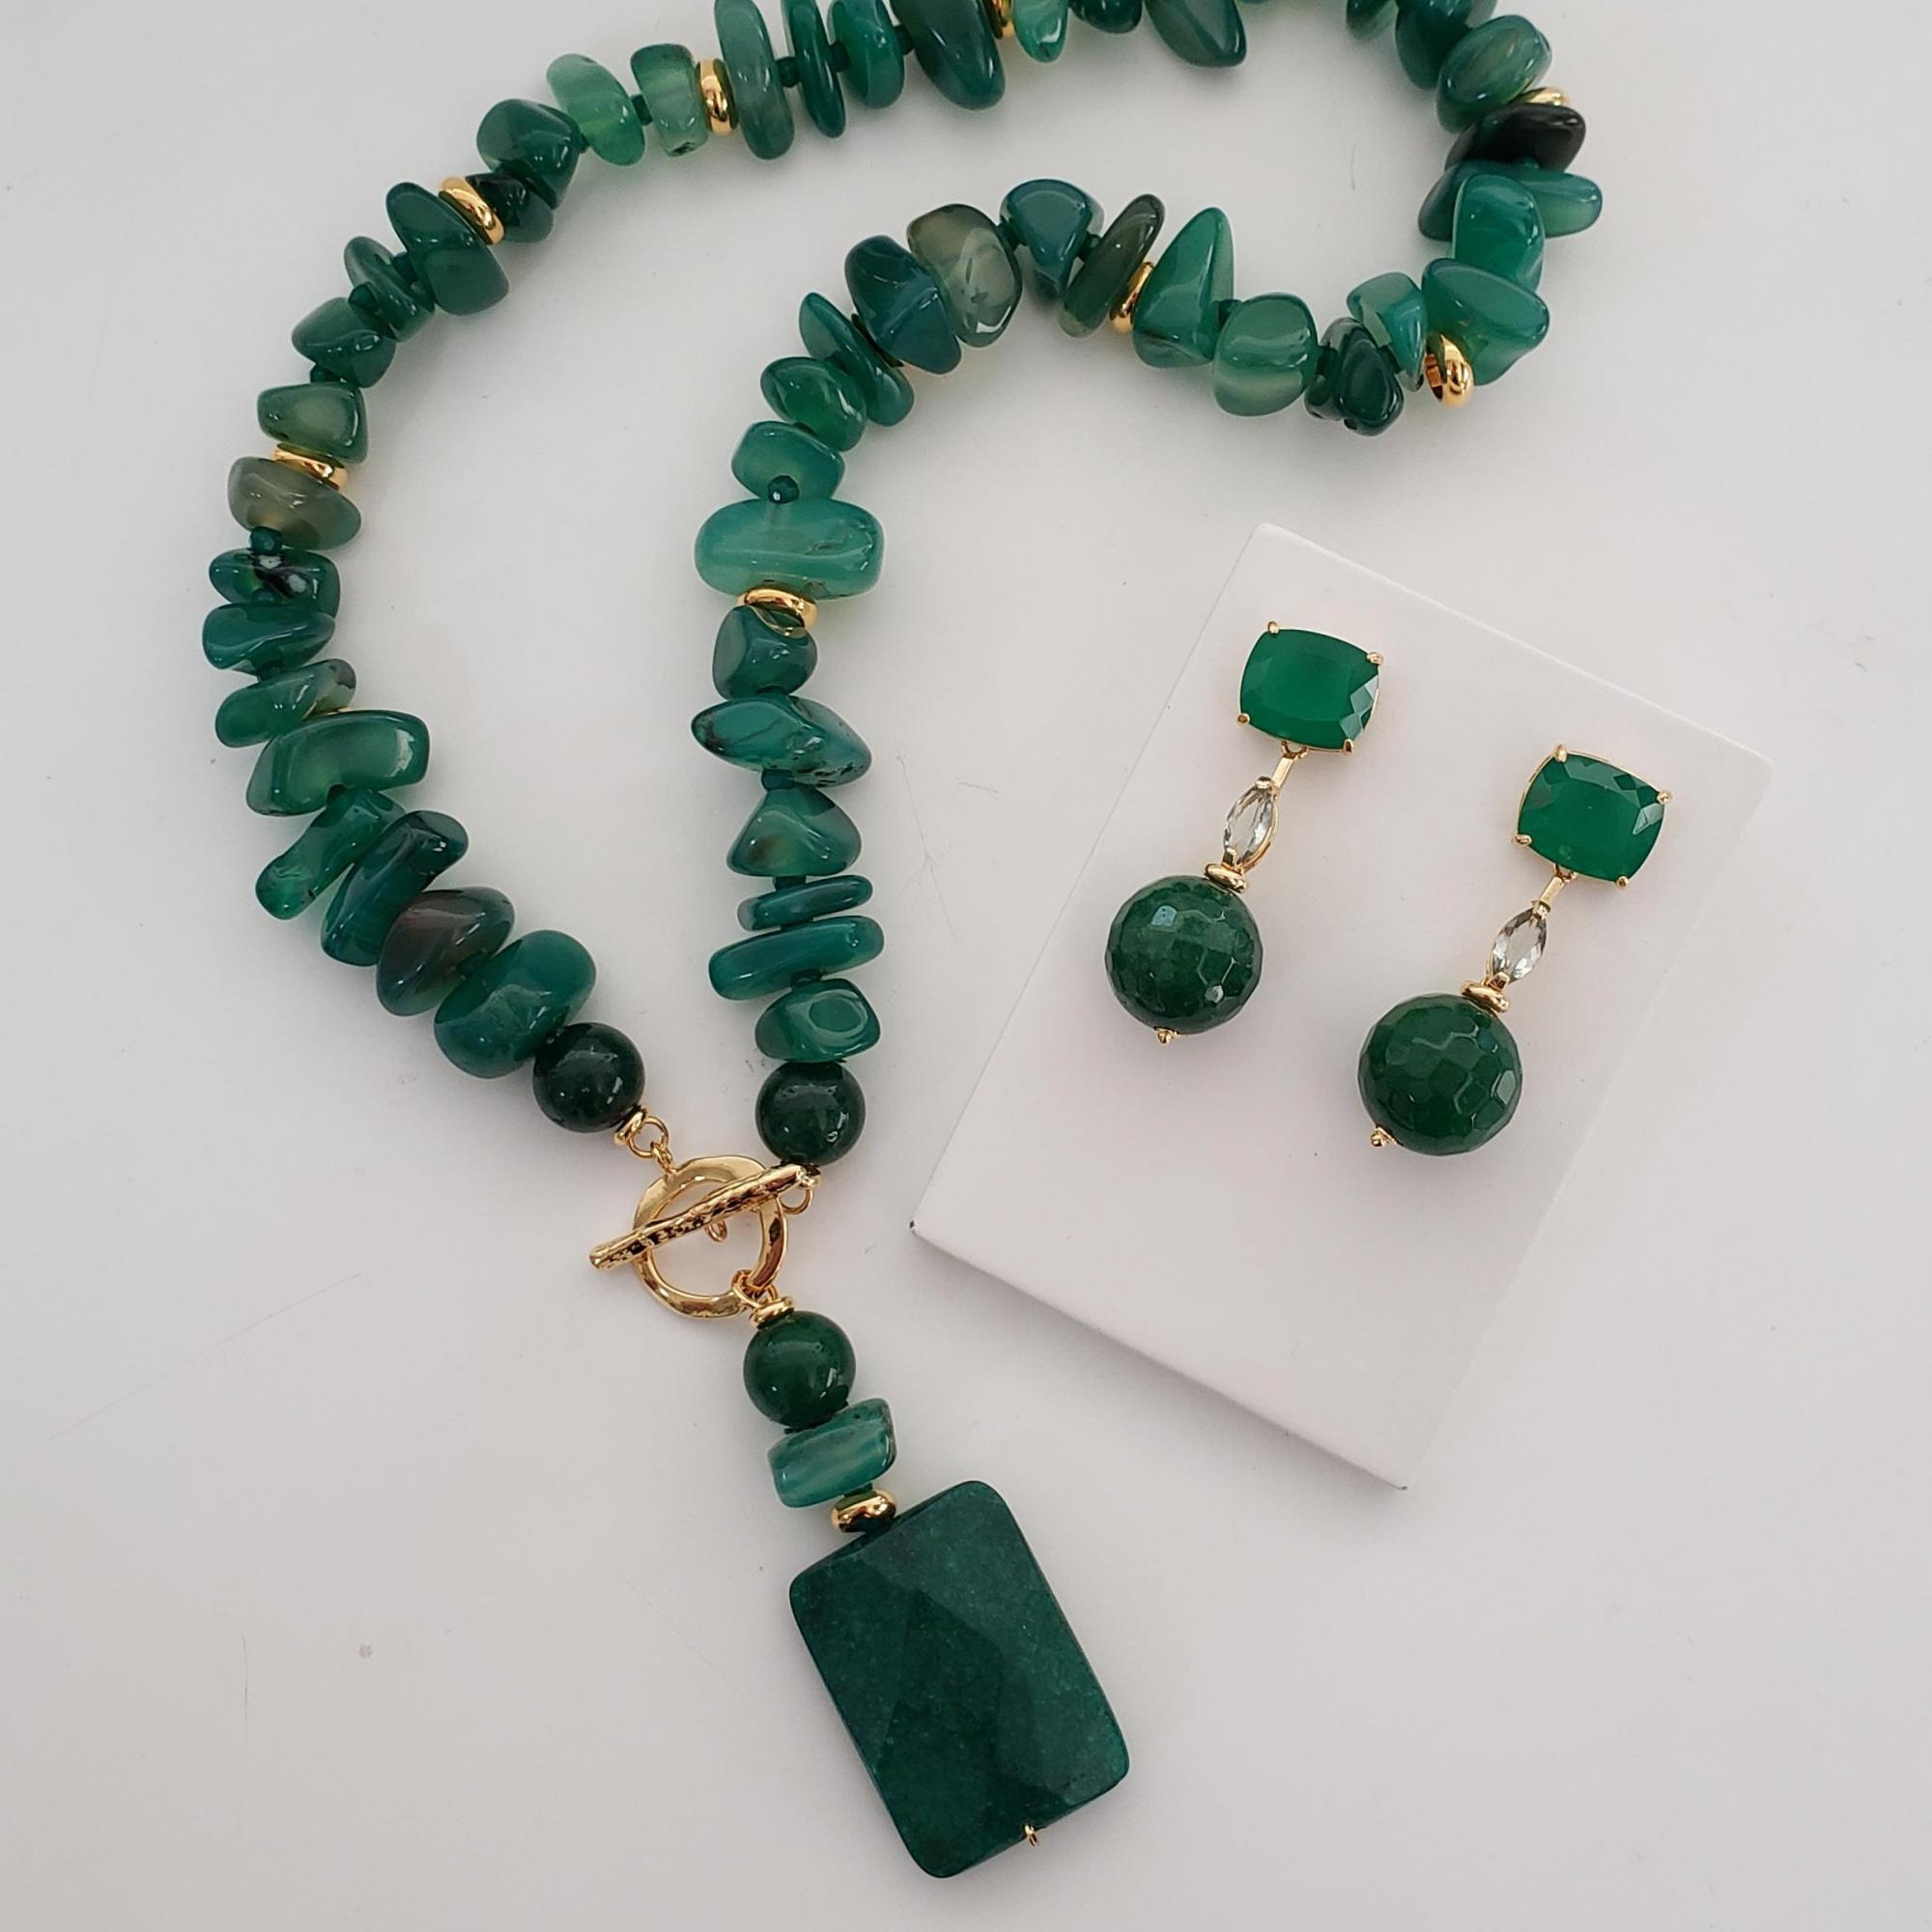 Colar Médio Cascalho Jade Verde Fecho Palito com Pingente e Brinco Retangulo e Bola Jade Verde no Banho Ouro 18k Semijoia